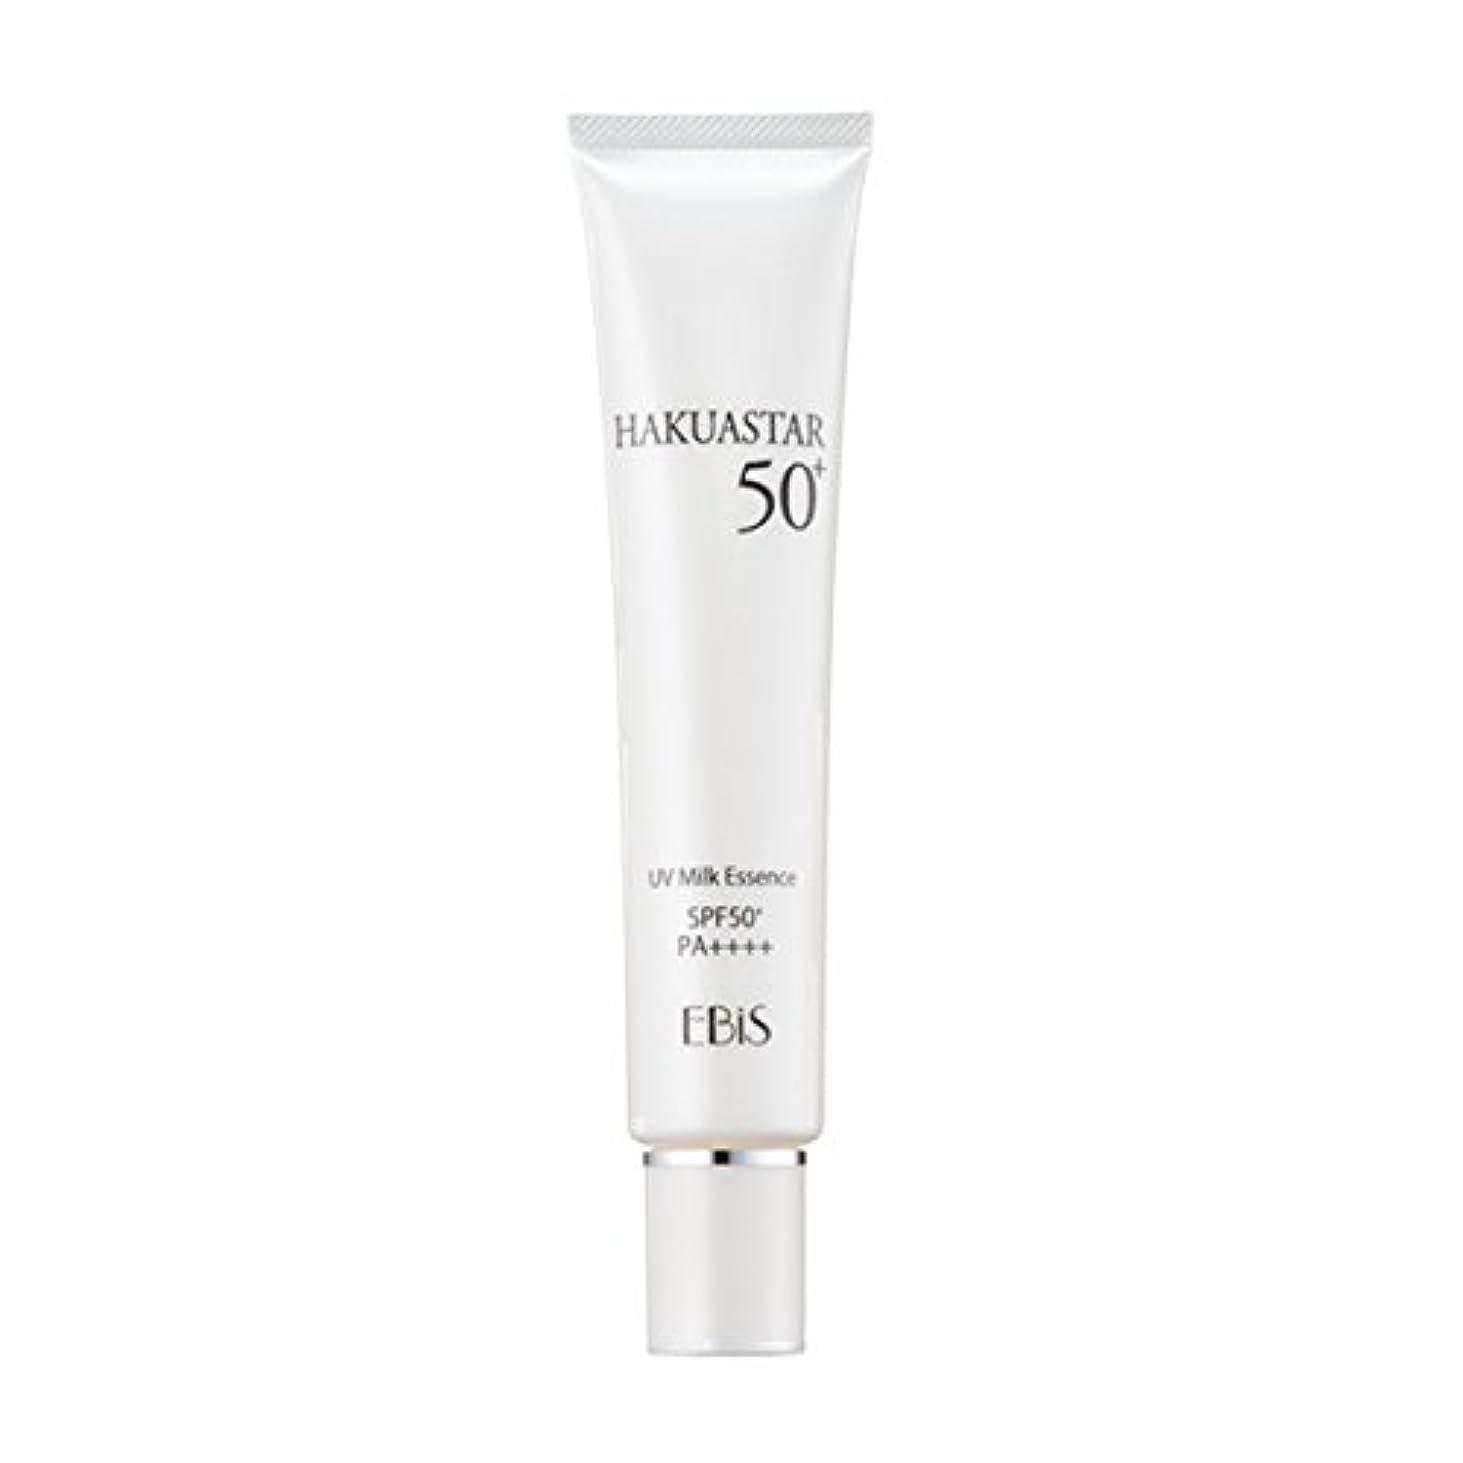 明確な充実困惑するエビス化粧品(EBiS) ハクアスター 40g SPF50PA+++ UVクリーム(日焼け止め)日本製 紫外線対策 化粧下地としても使える